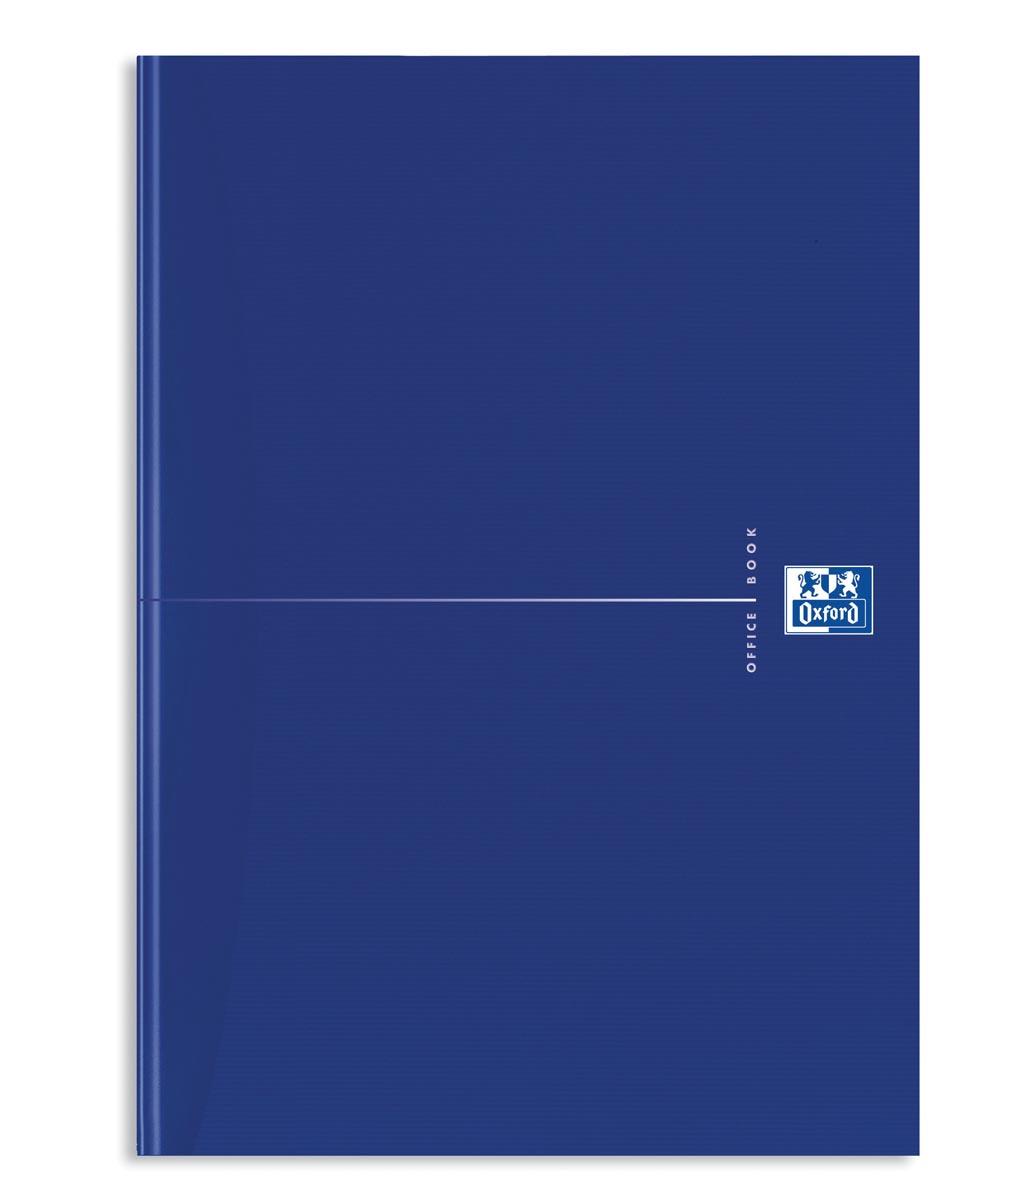 Oxford Office Essentials schrift, harde kaft, 192 bladzijden, gelijnd, ft A4, original blue